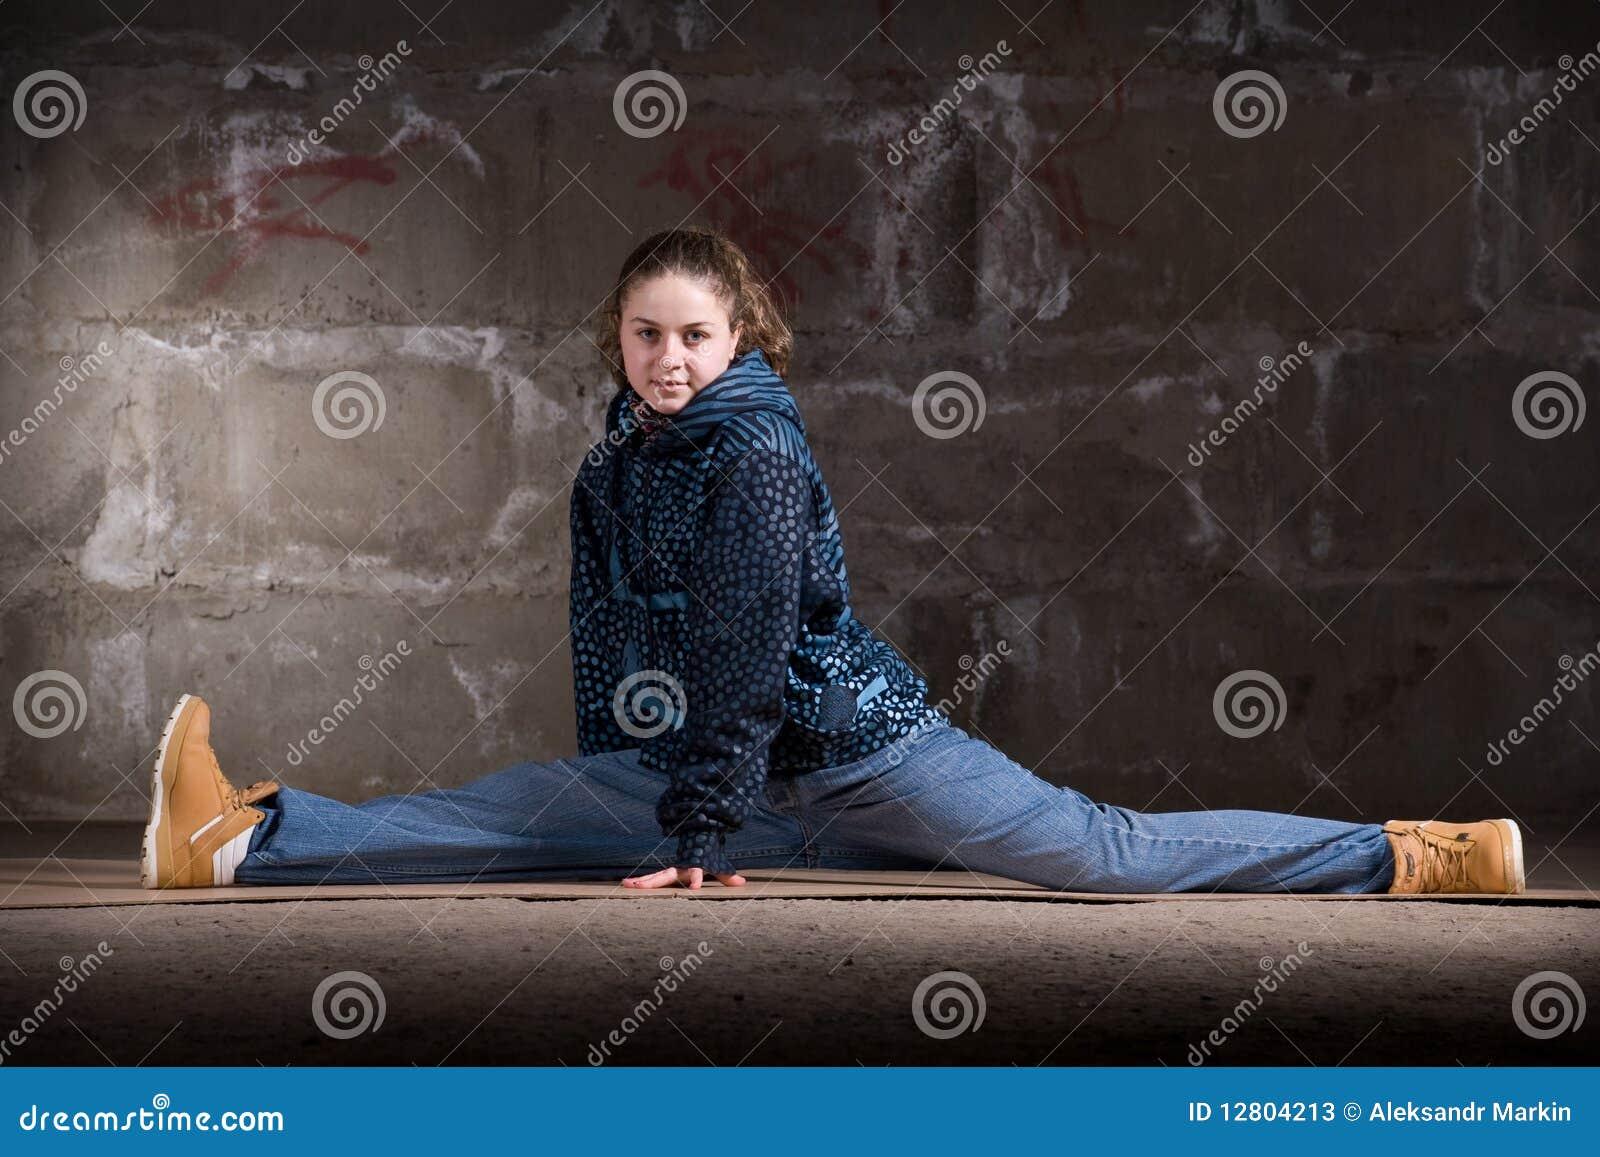 Dançarino do lúpulo do quadril no estilo moderno sobre a parede de tijolo